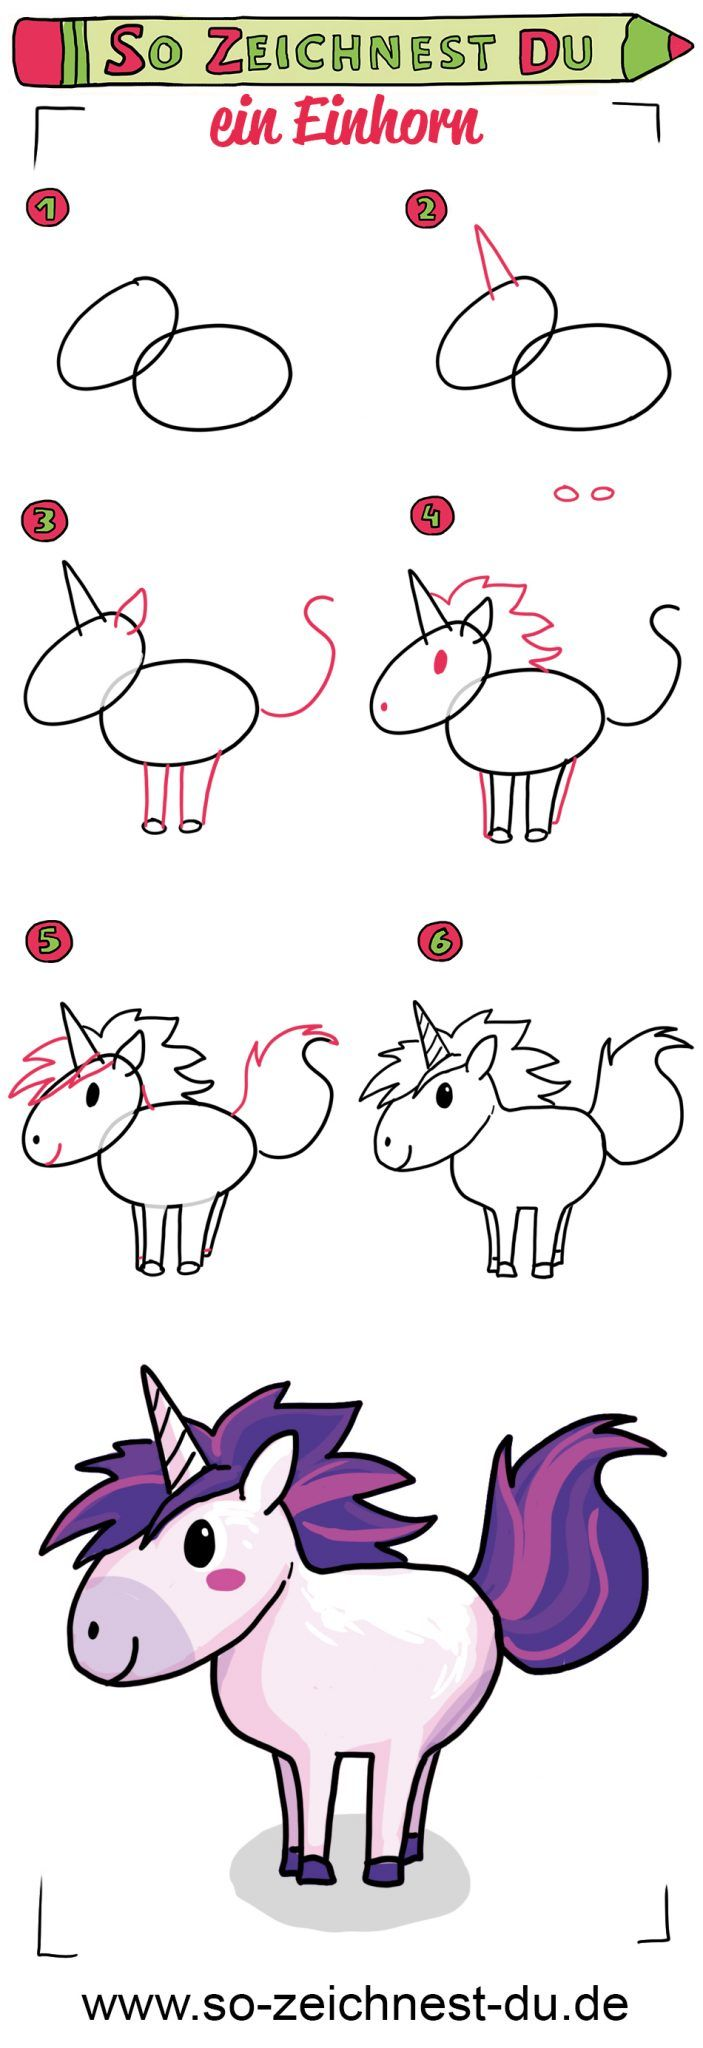 So Zeichnest Du Ein Einhorn Unicorn Drawing Easy Drawings Drawing Lessons